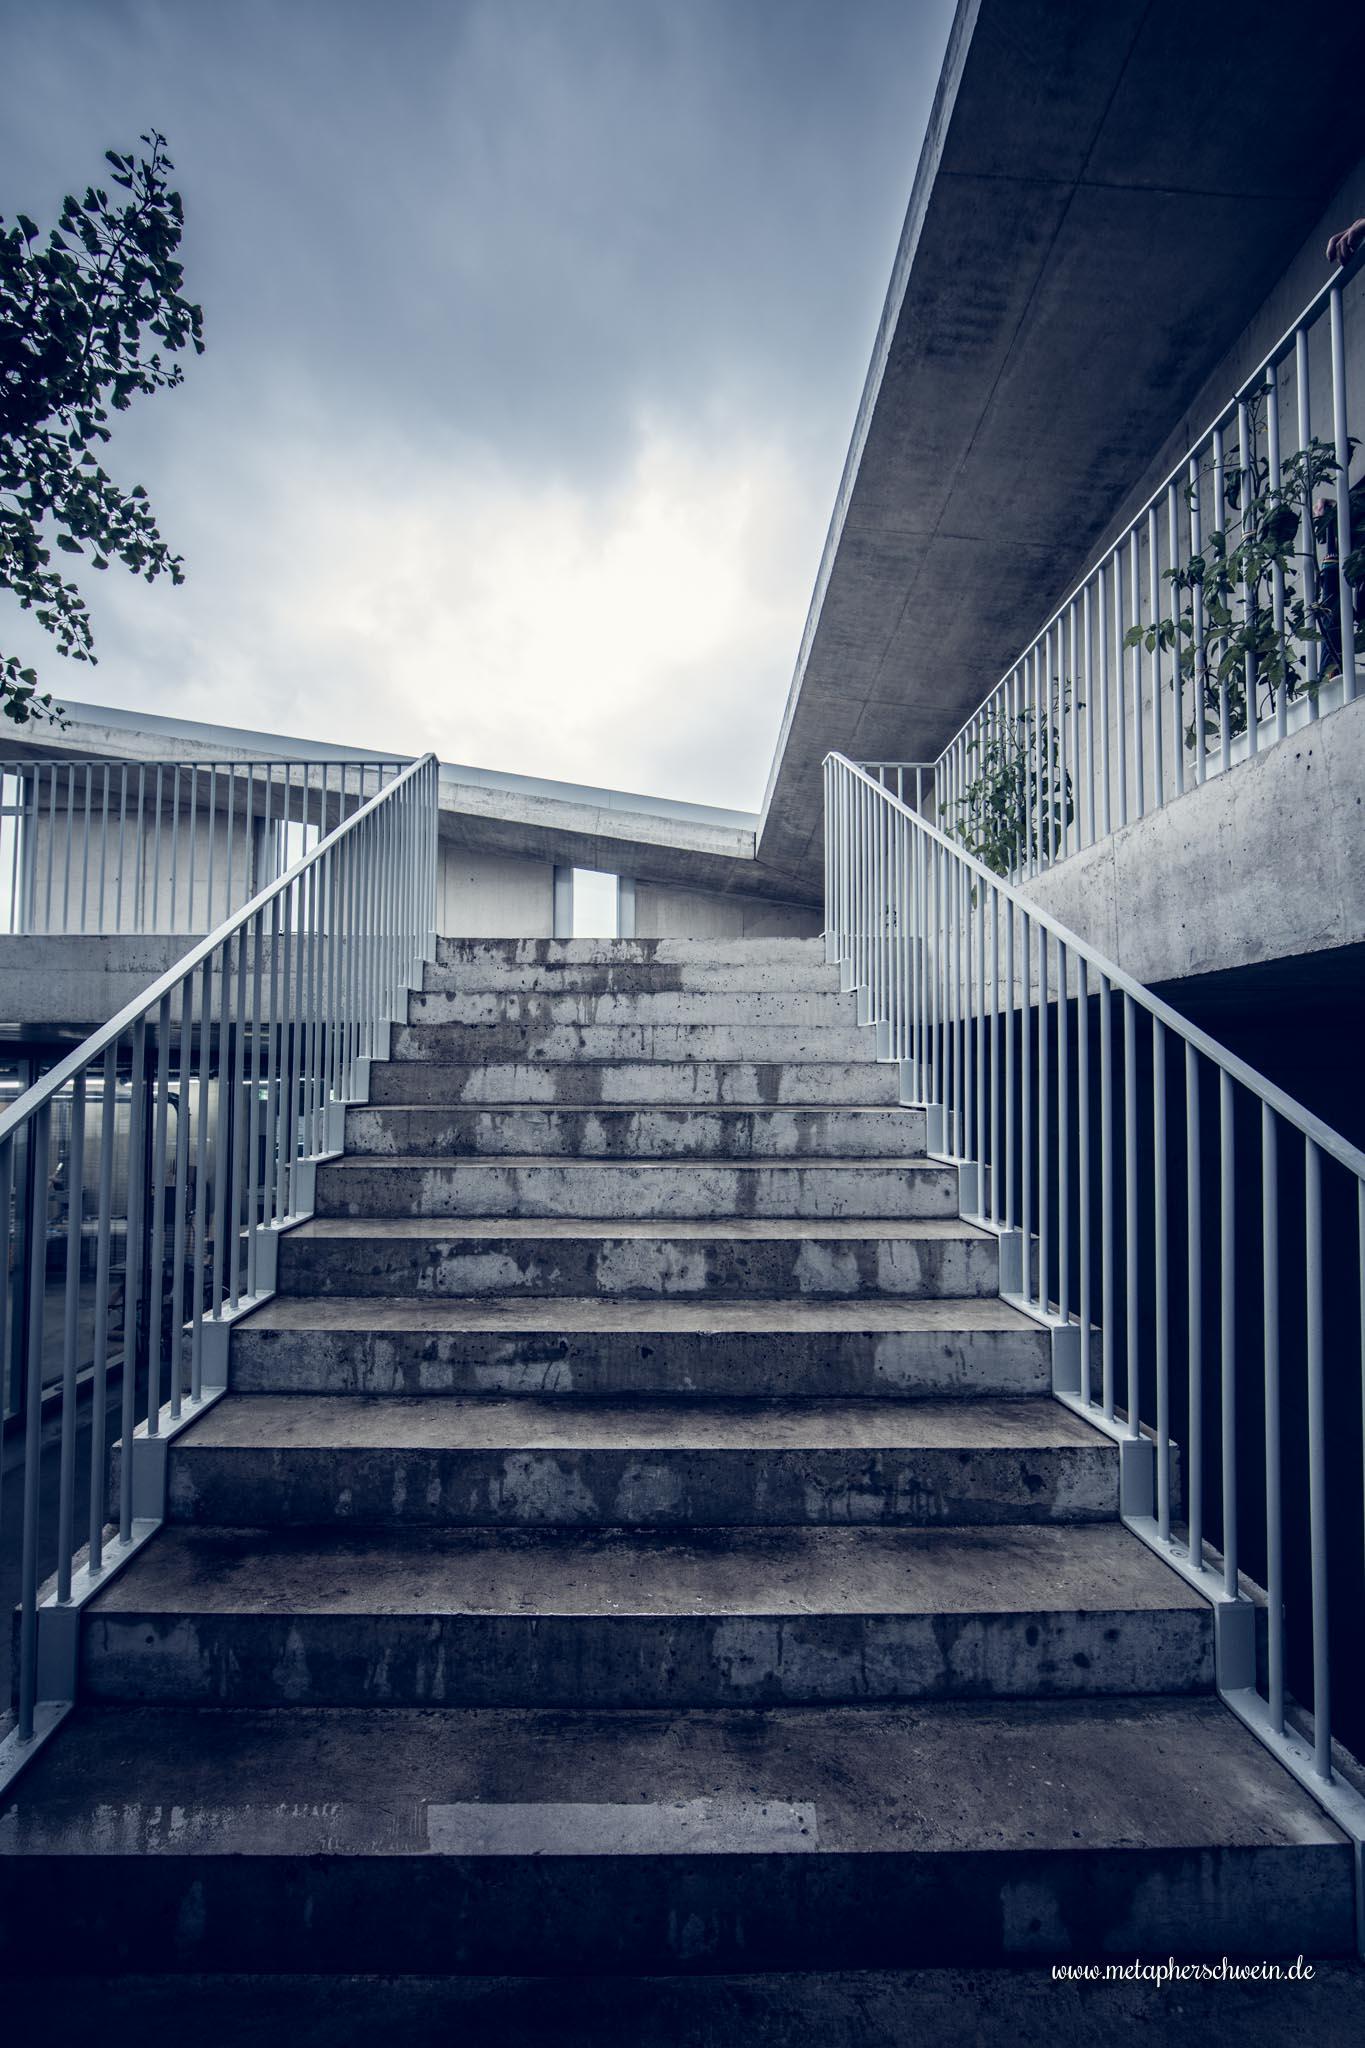 Tag der architektur 2017 in niedersachsen for Architektur 2017